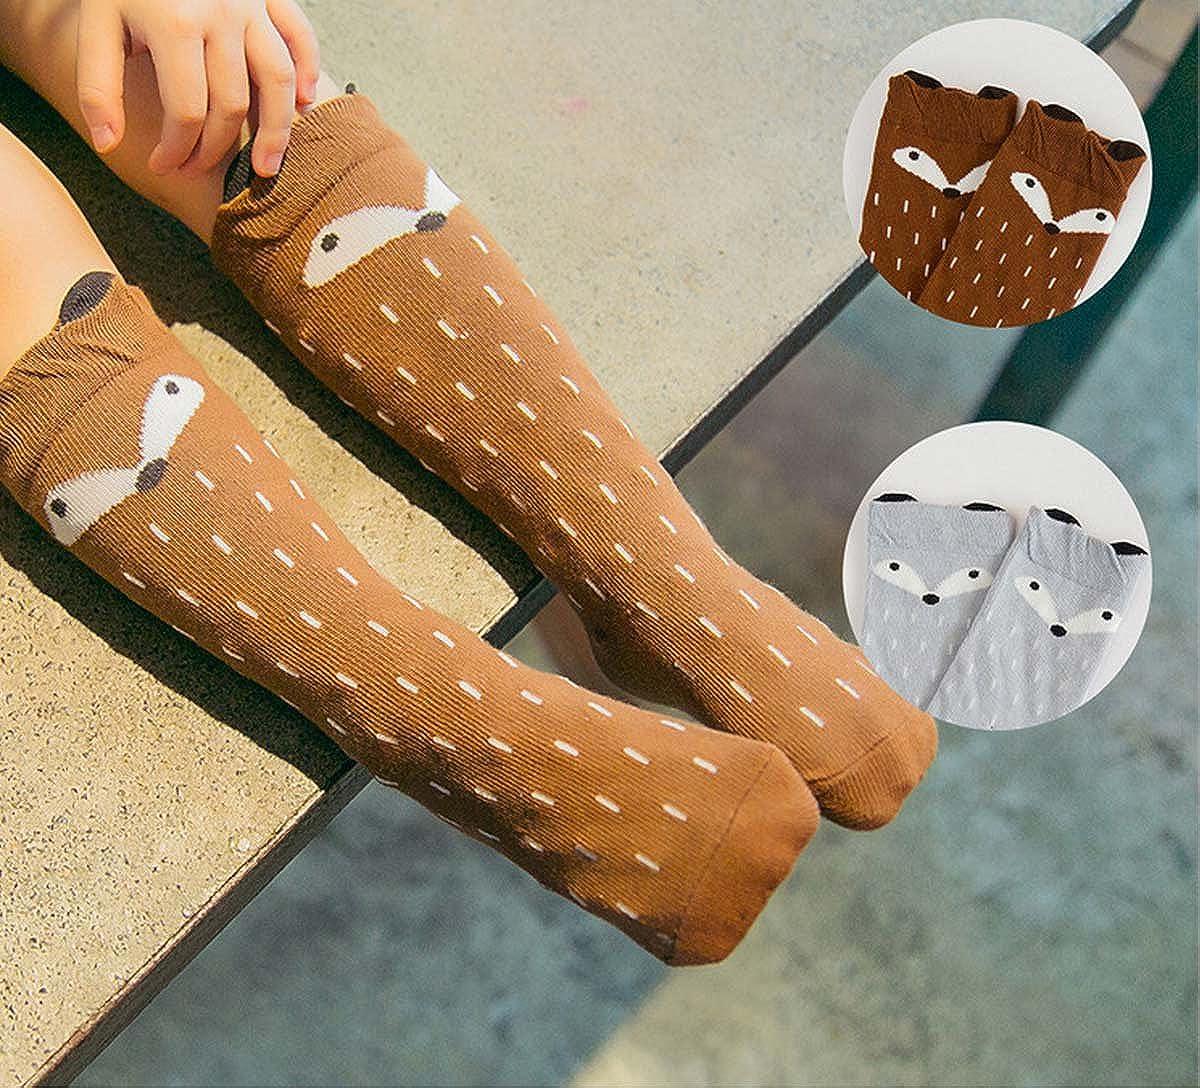 0-6 anni Aisprts calzini antiscivolo bambino Calzettoni al Ginocchio Antiscivolo in Cotone per Bambini e Neonati Confezione da 2 Paia